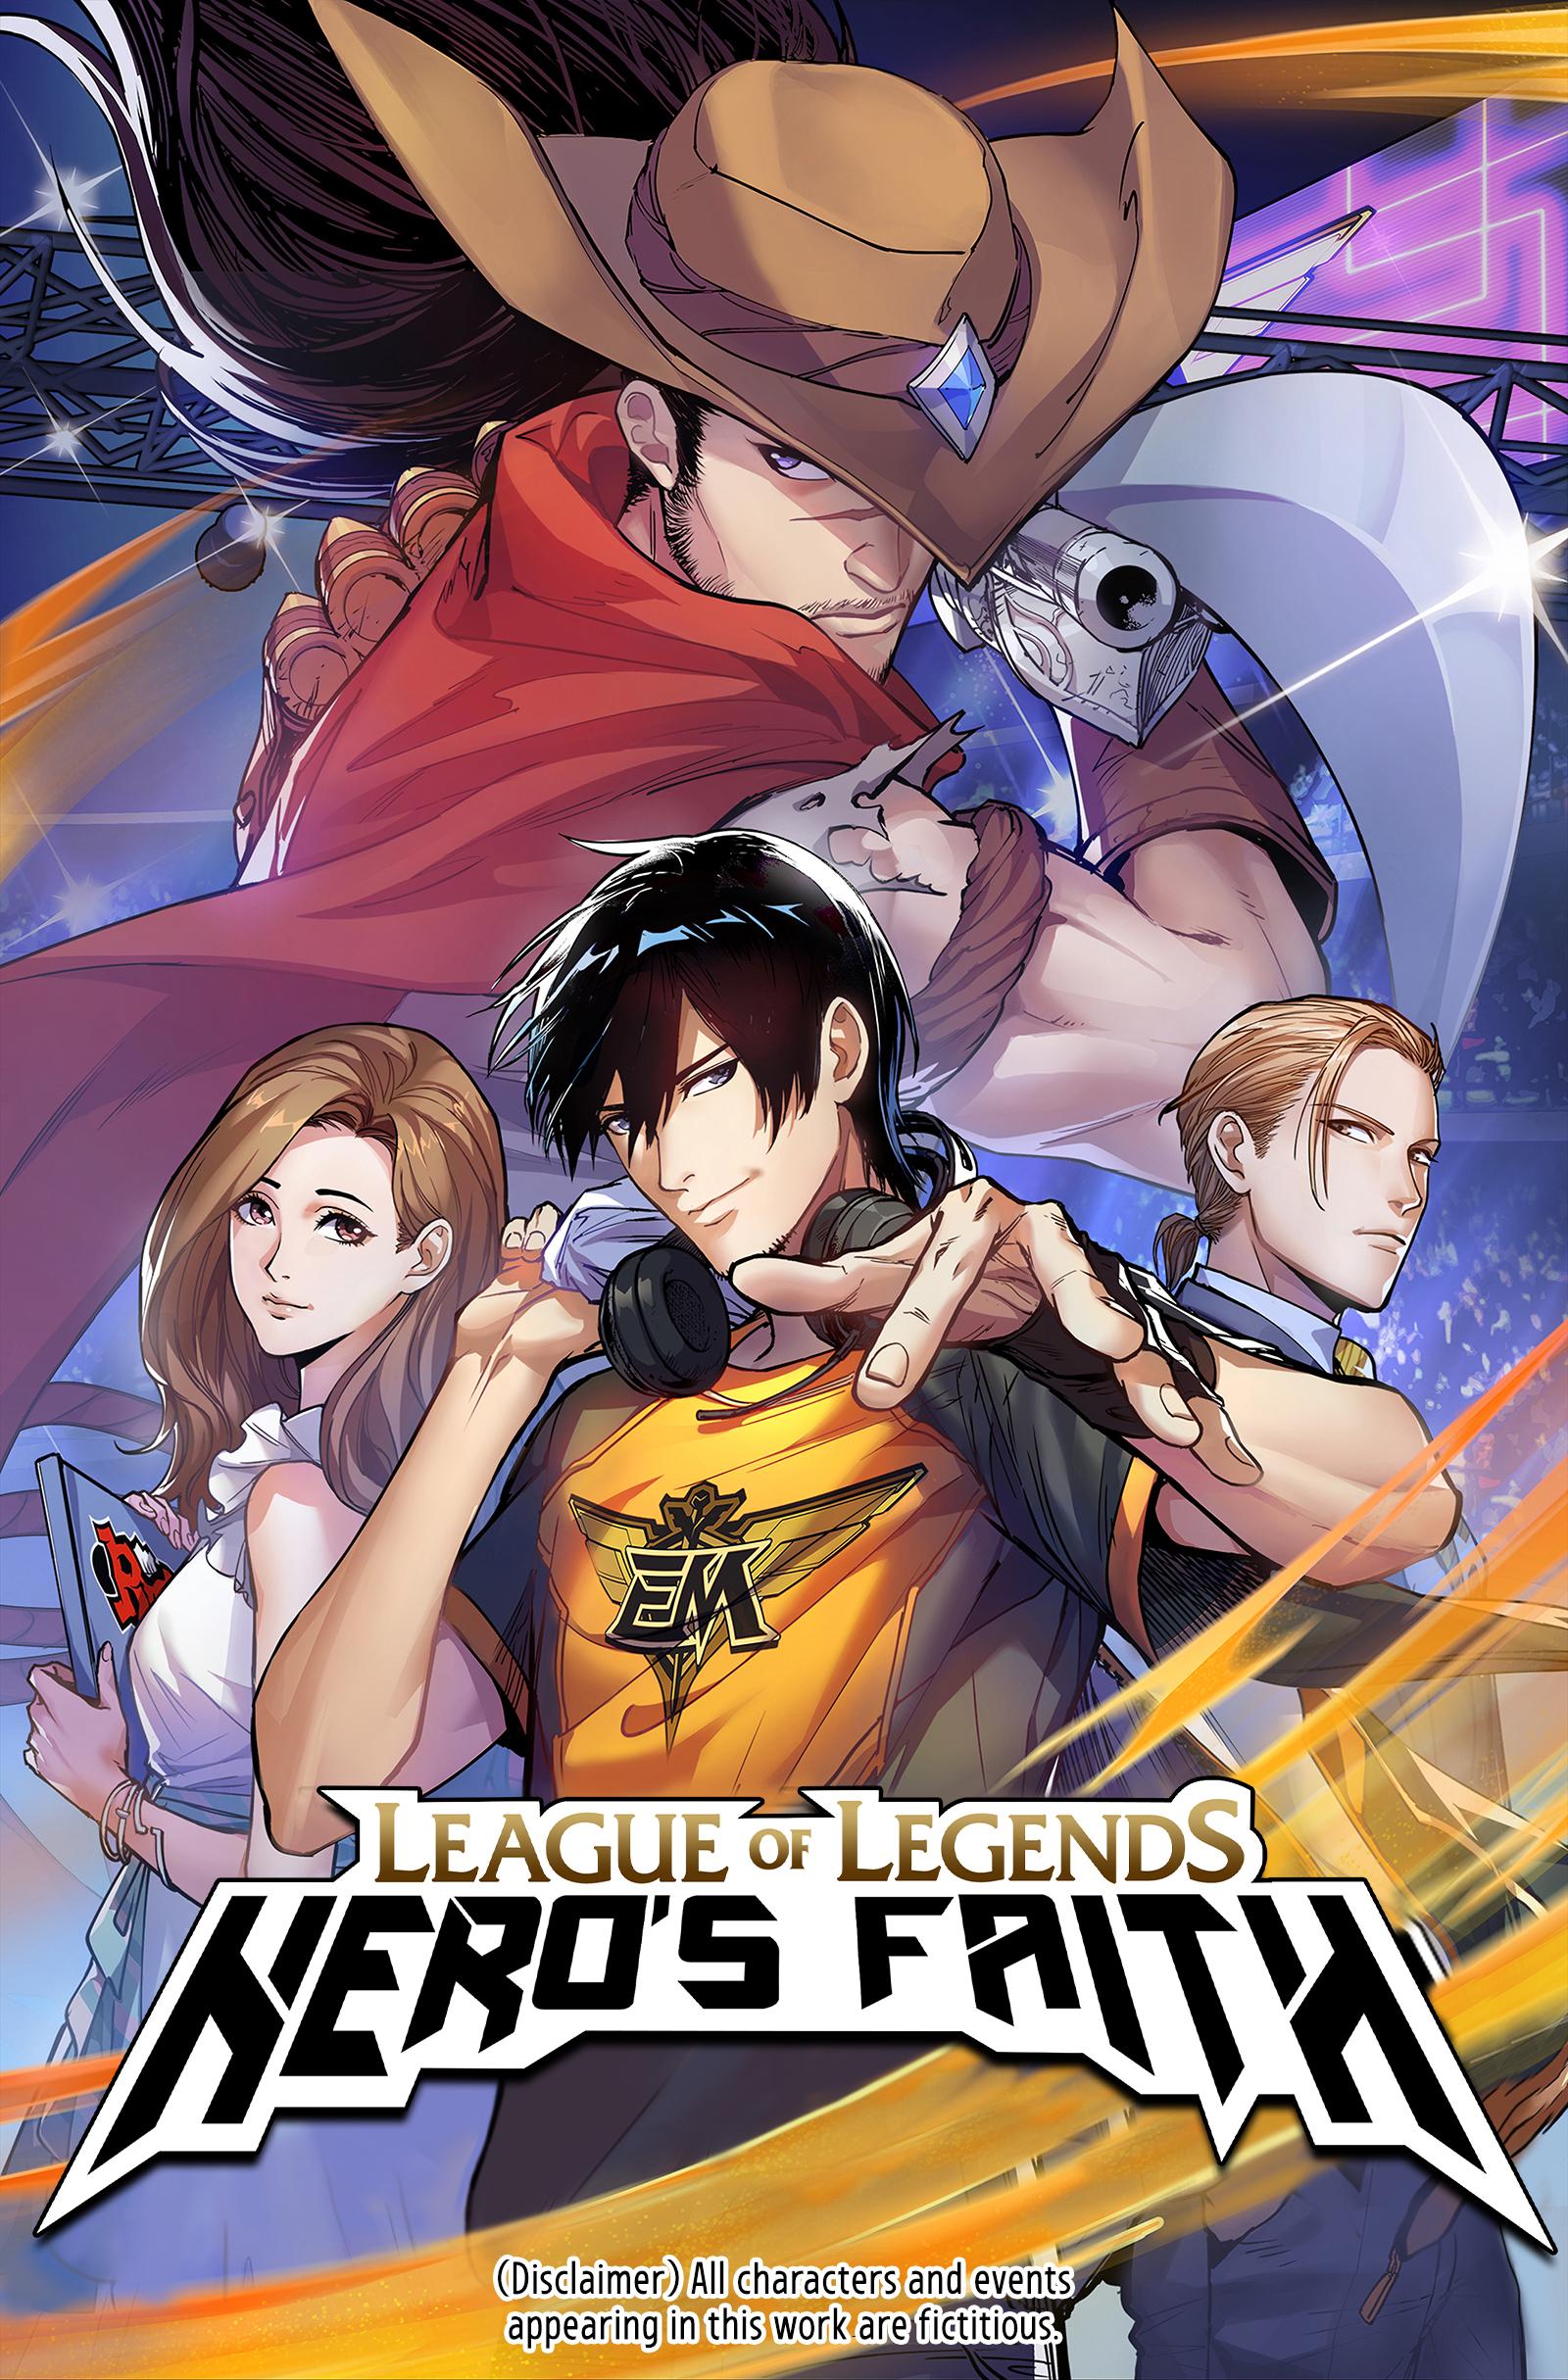 League of Legends Hero's Faith